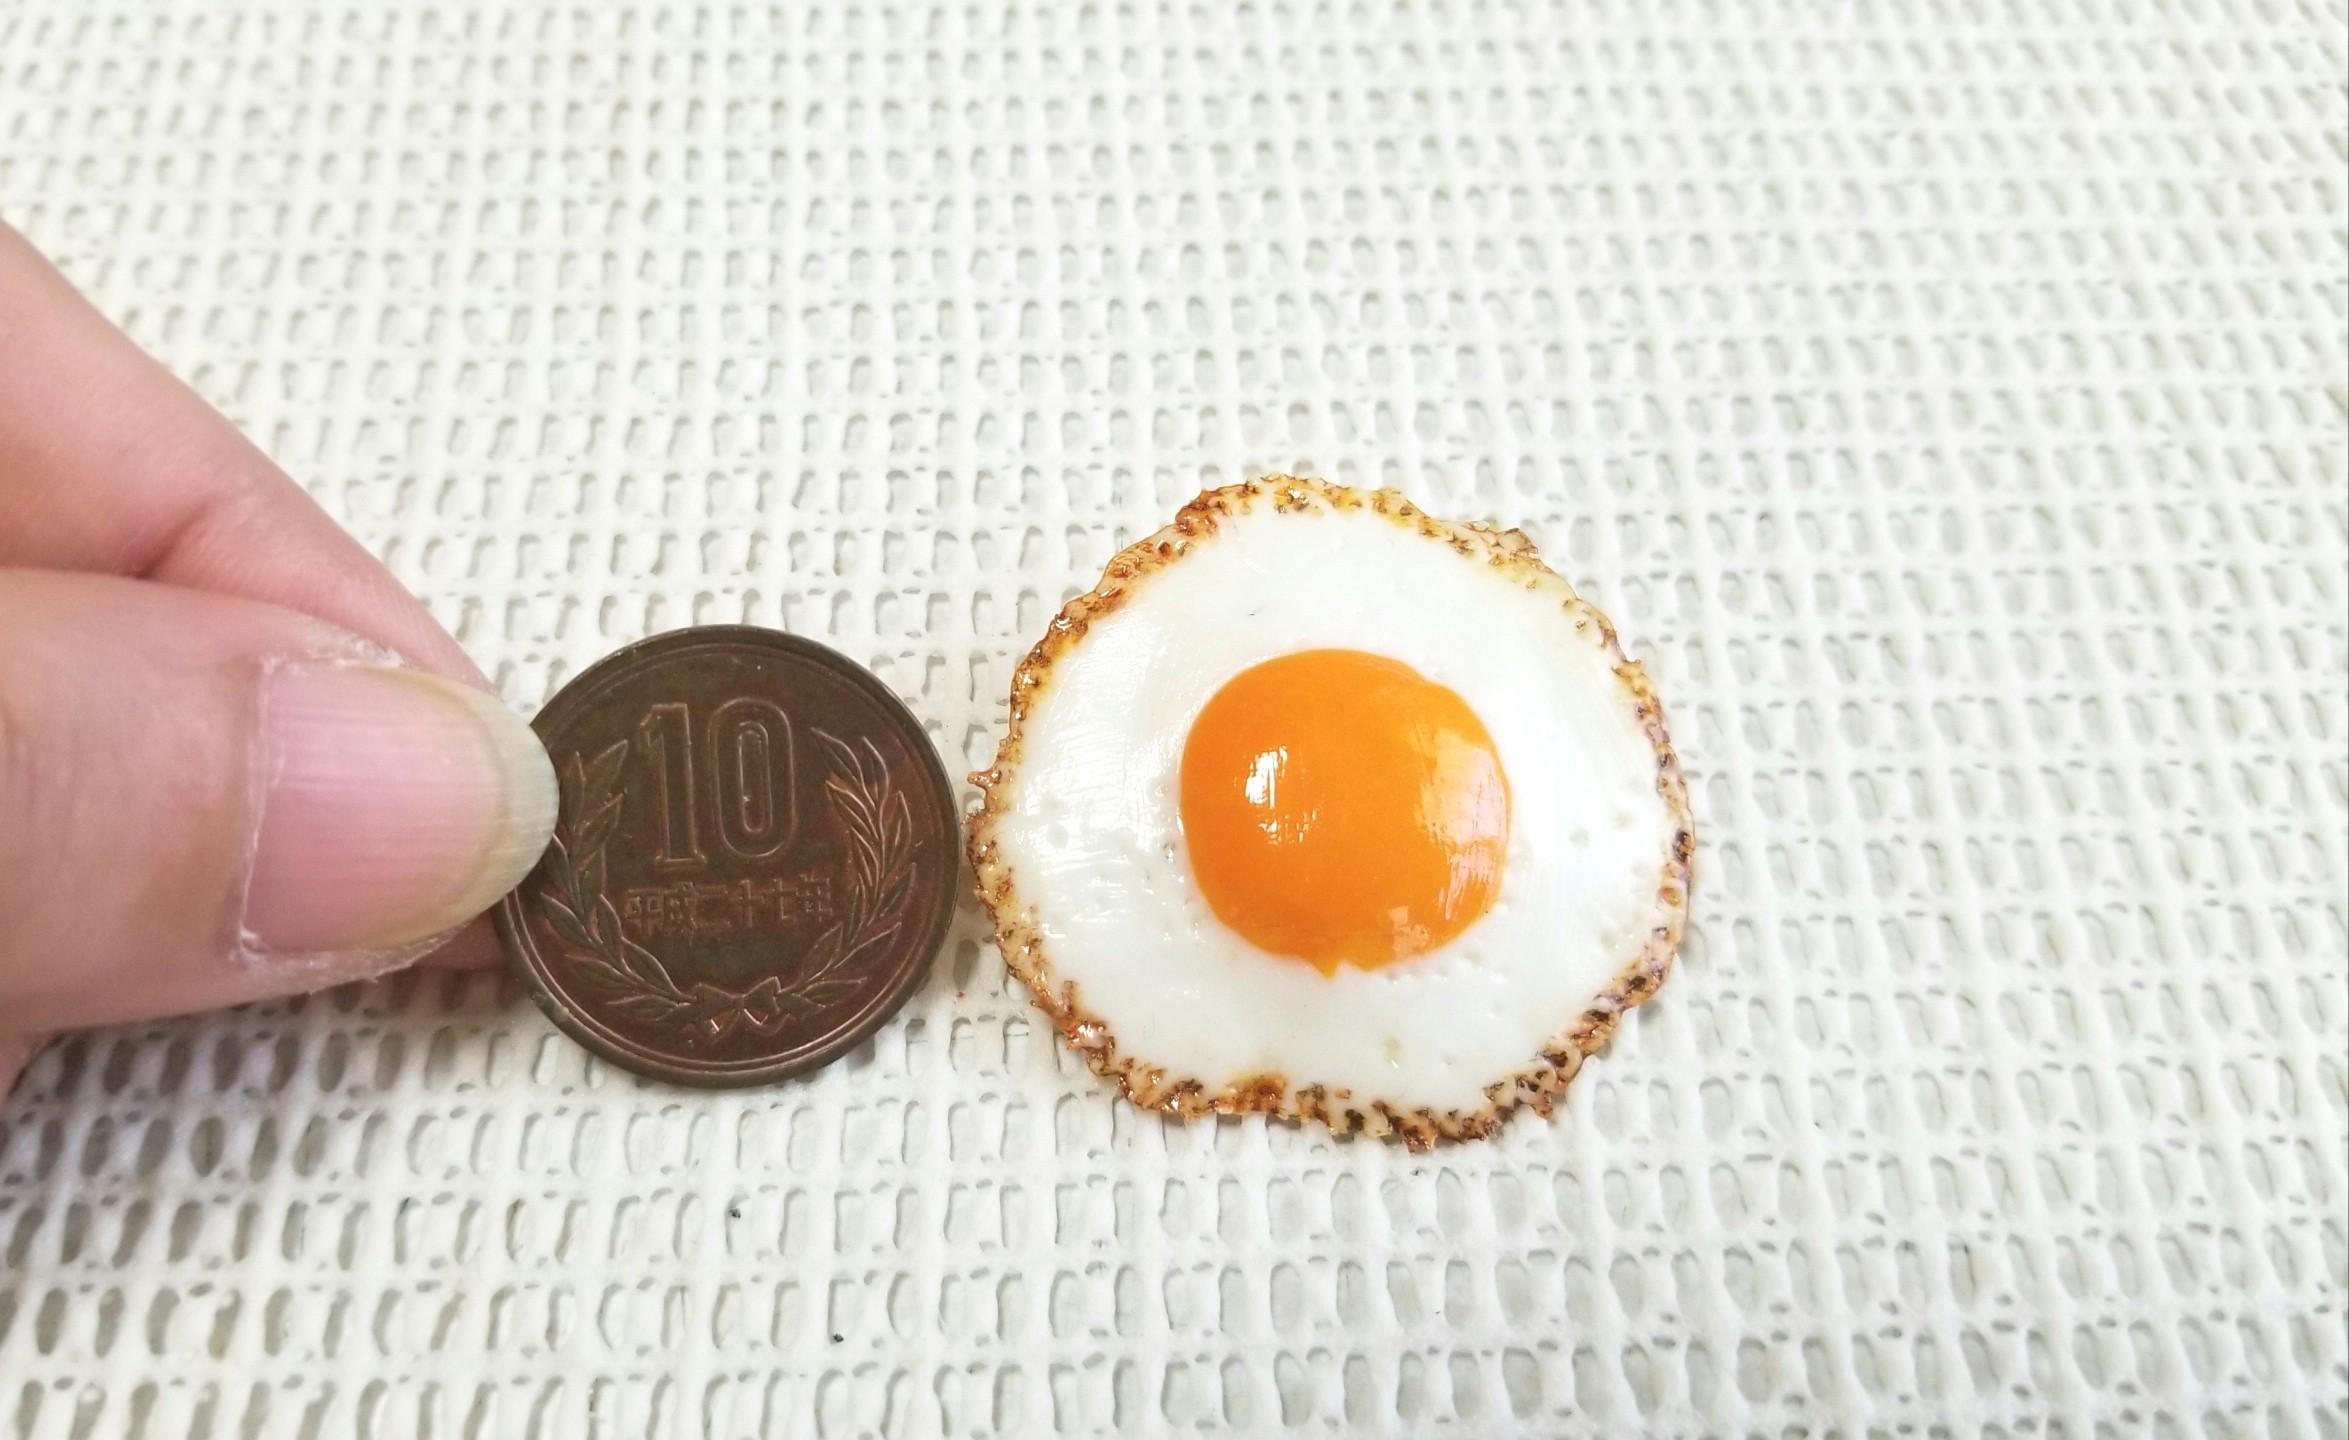 ミニチュア, 目玉焼きブローチ, フェイクフード, アクセサリー